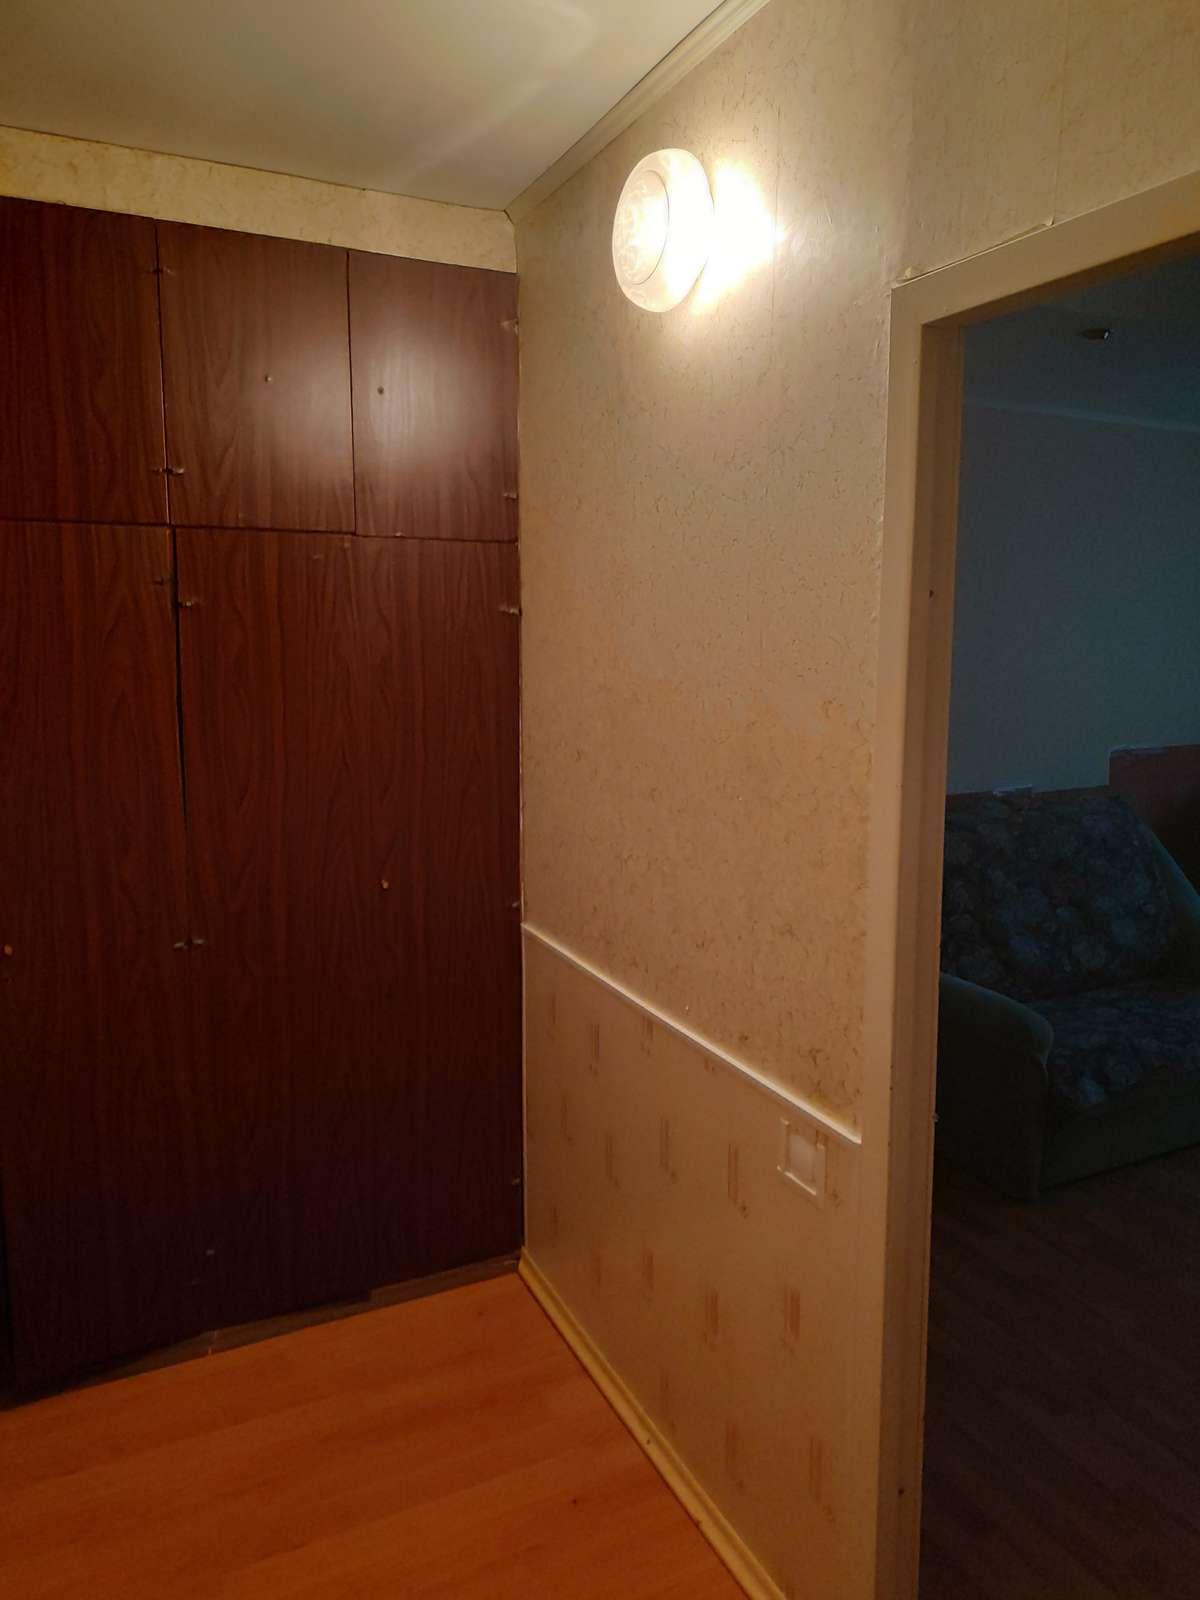 Аренда 1-комнатной квартиры, г. Тольятти, Свердлова улица  дом 17